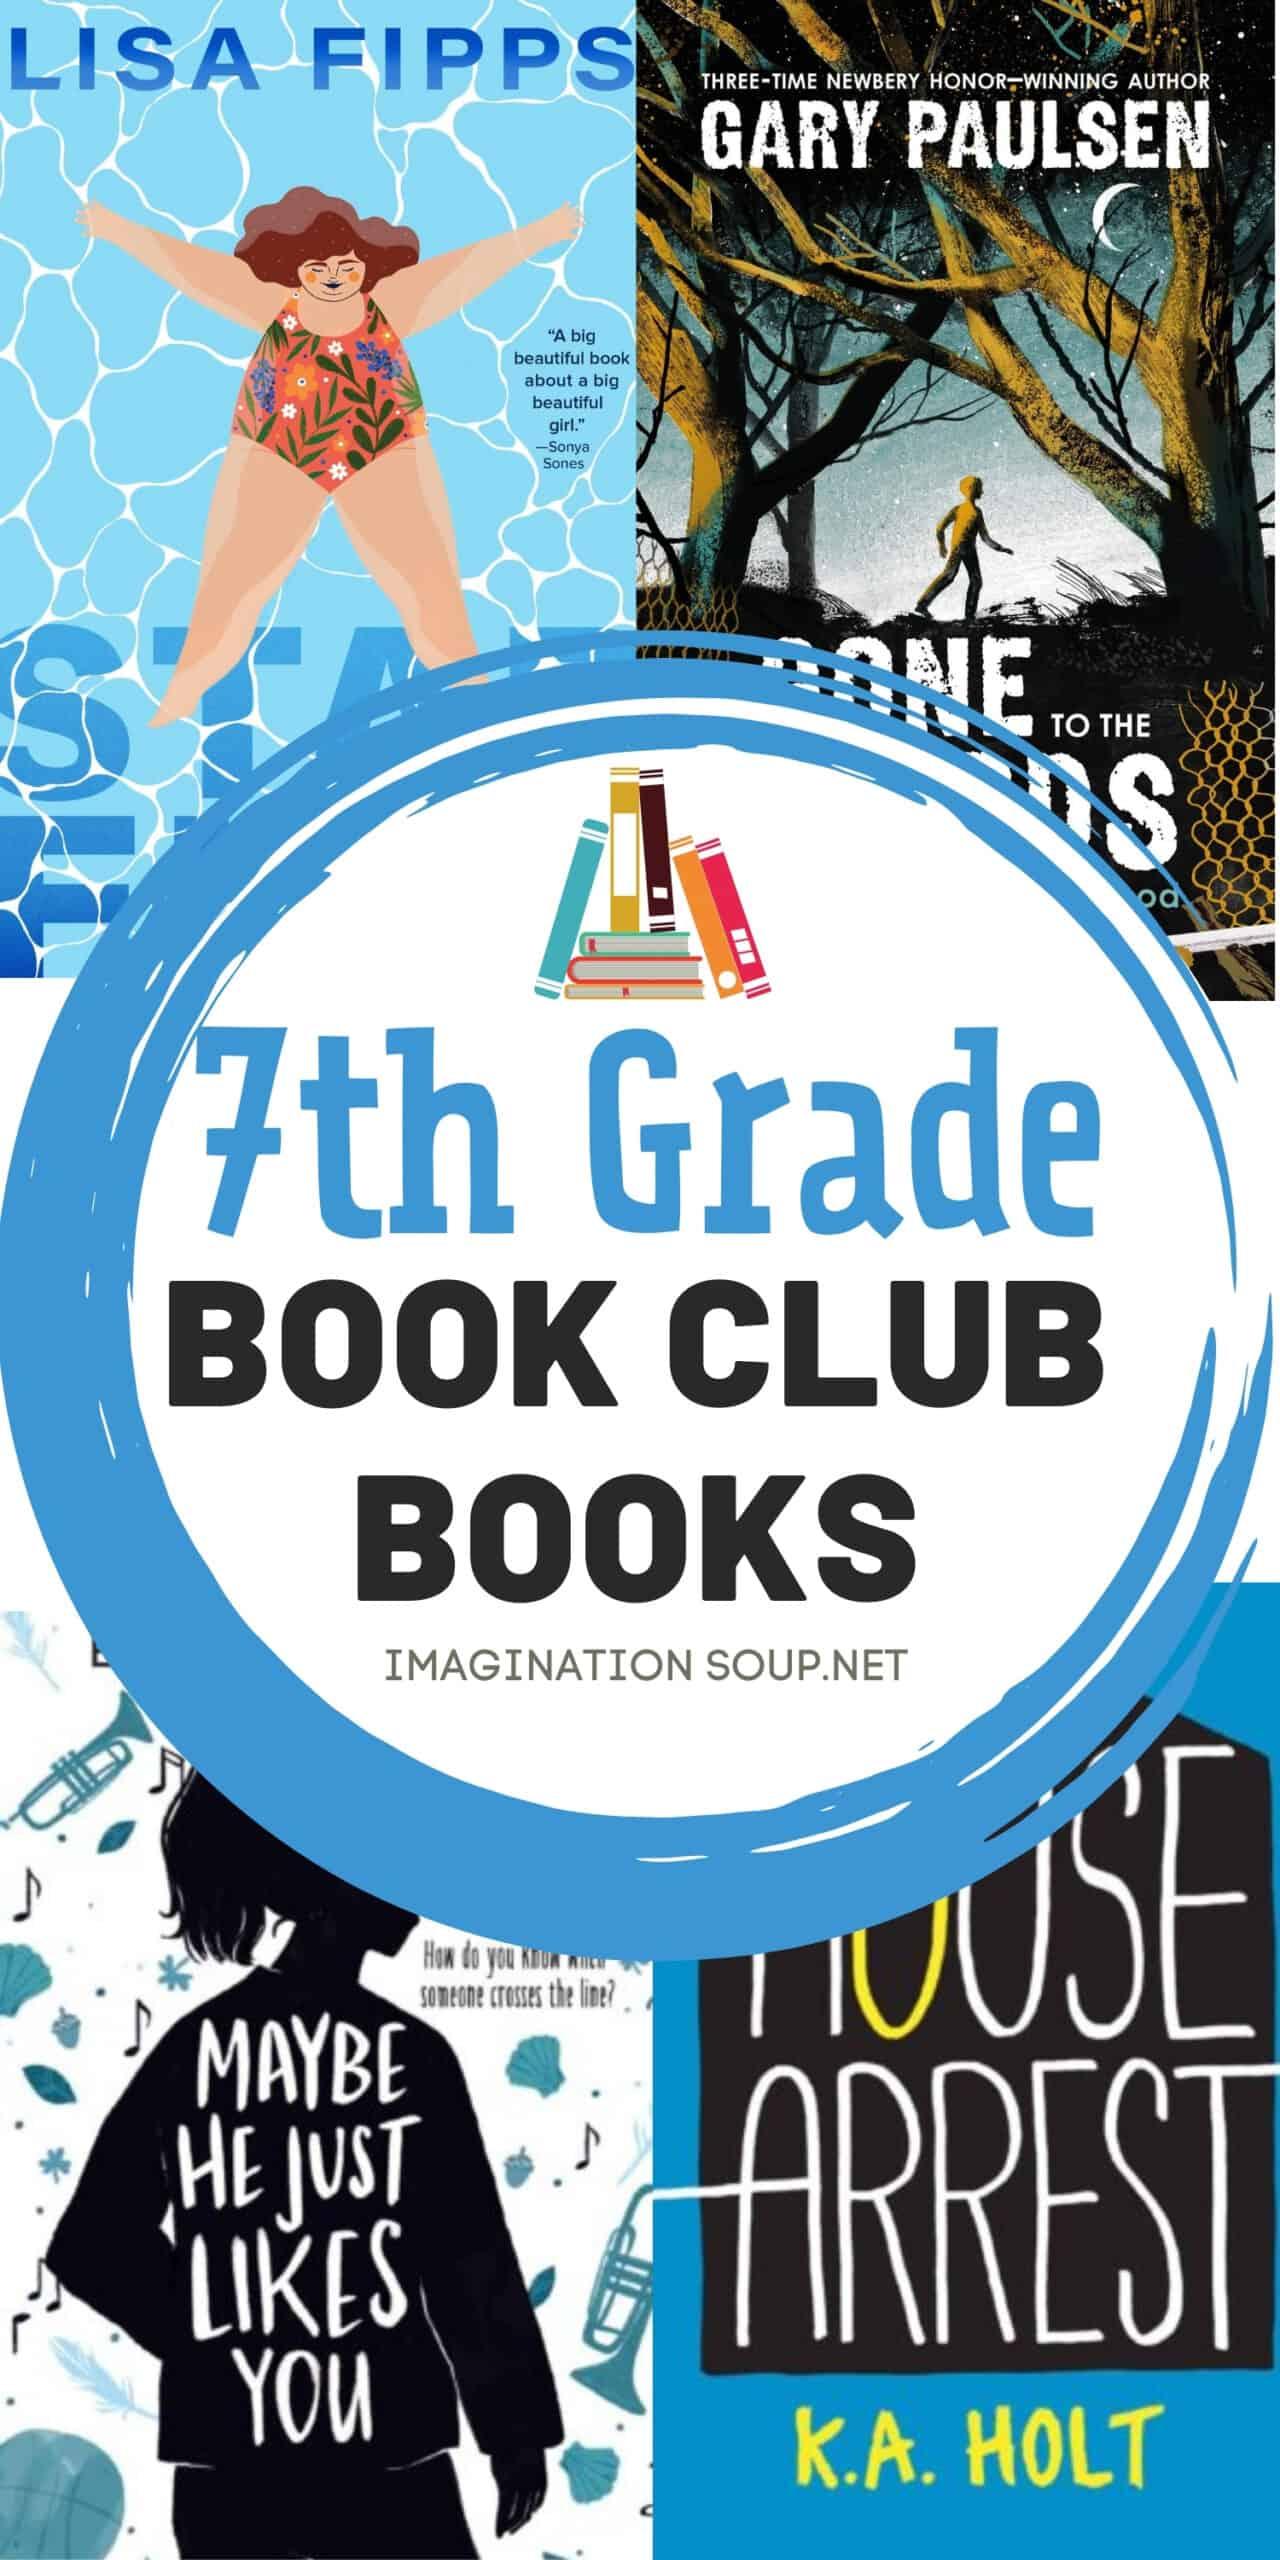 7th grade book club books